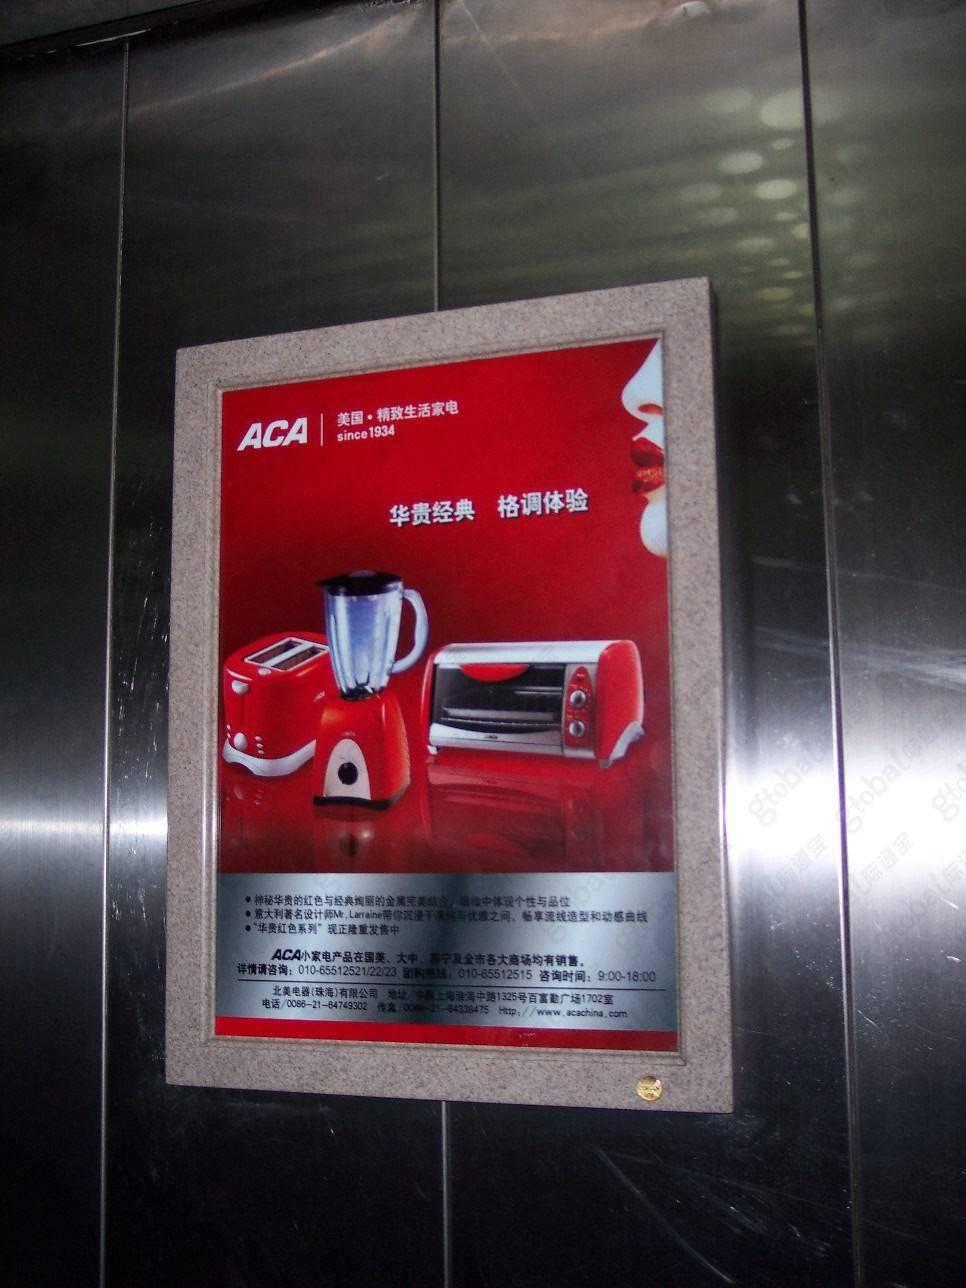 连云港电梯广告公司广告牌框架3.0投放(100框起投)